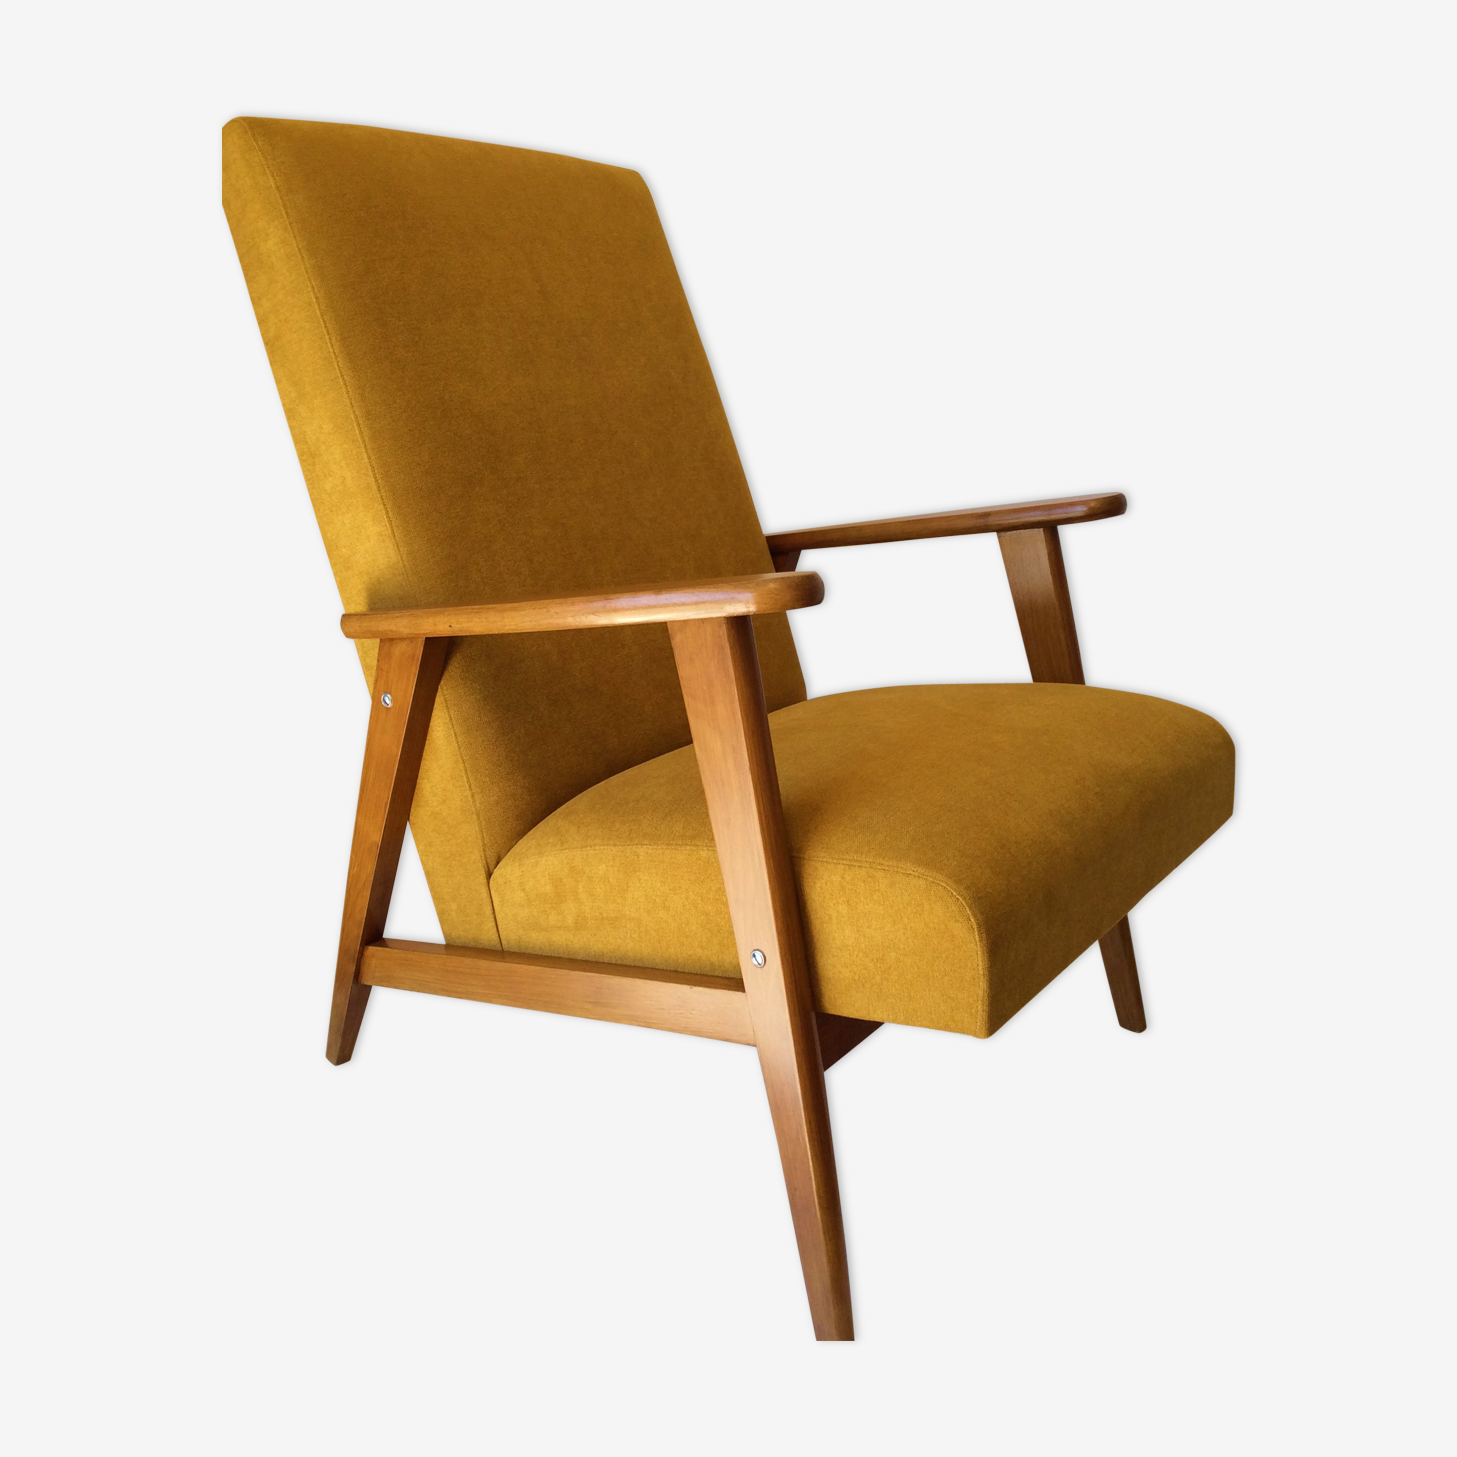 Fauteuil Jaune Vintage fauteuil vintage jaune moutarde - wood - yellow - vintage - syhocvq